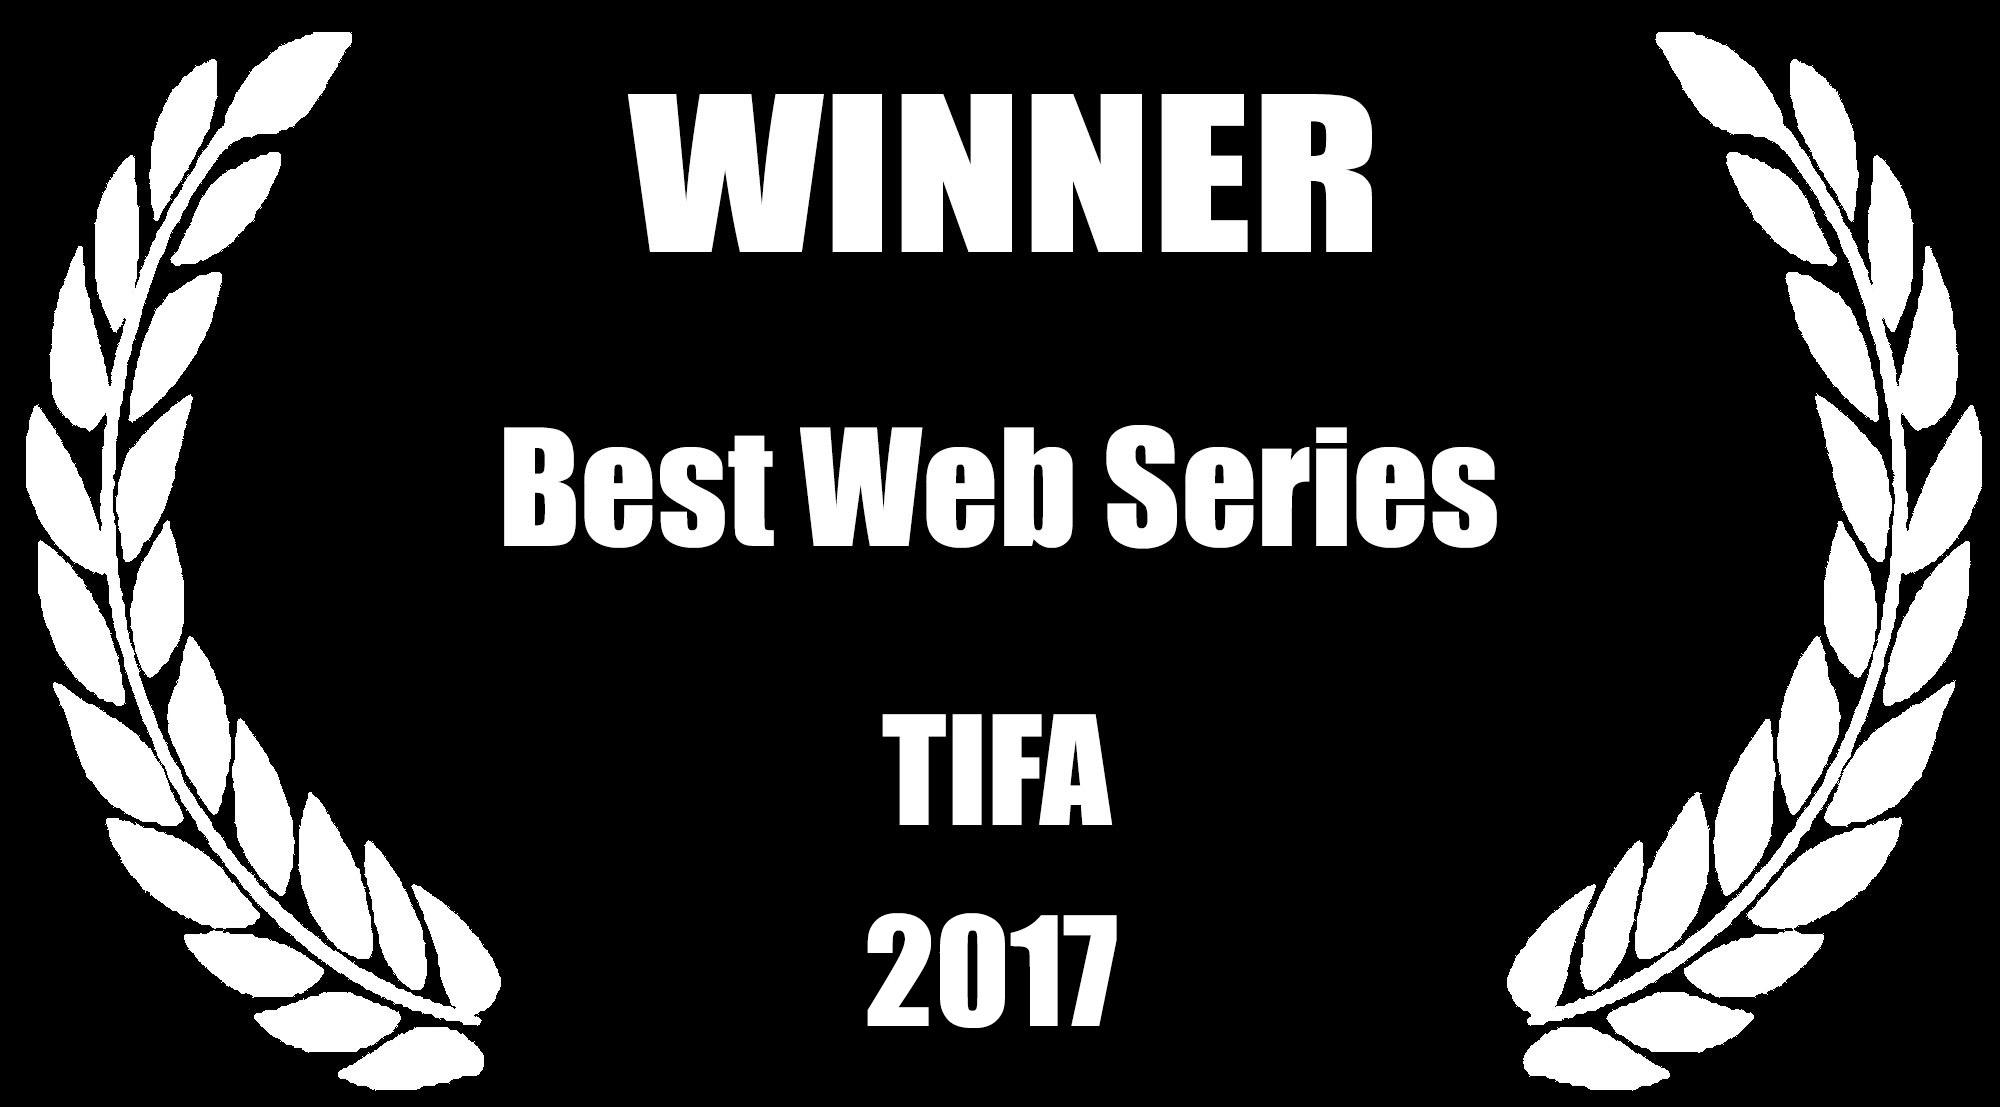 winner-best-web-series.jpg